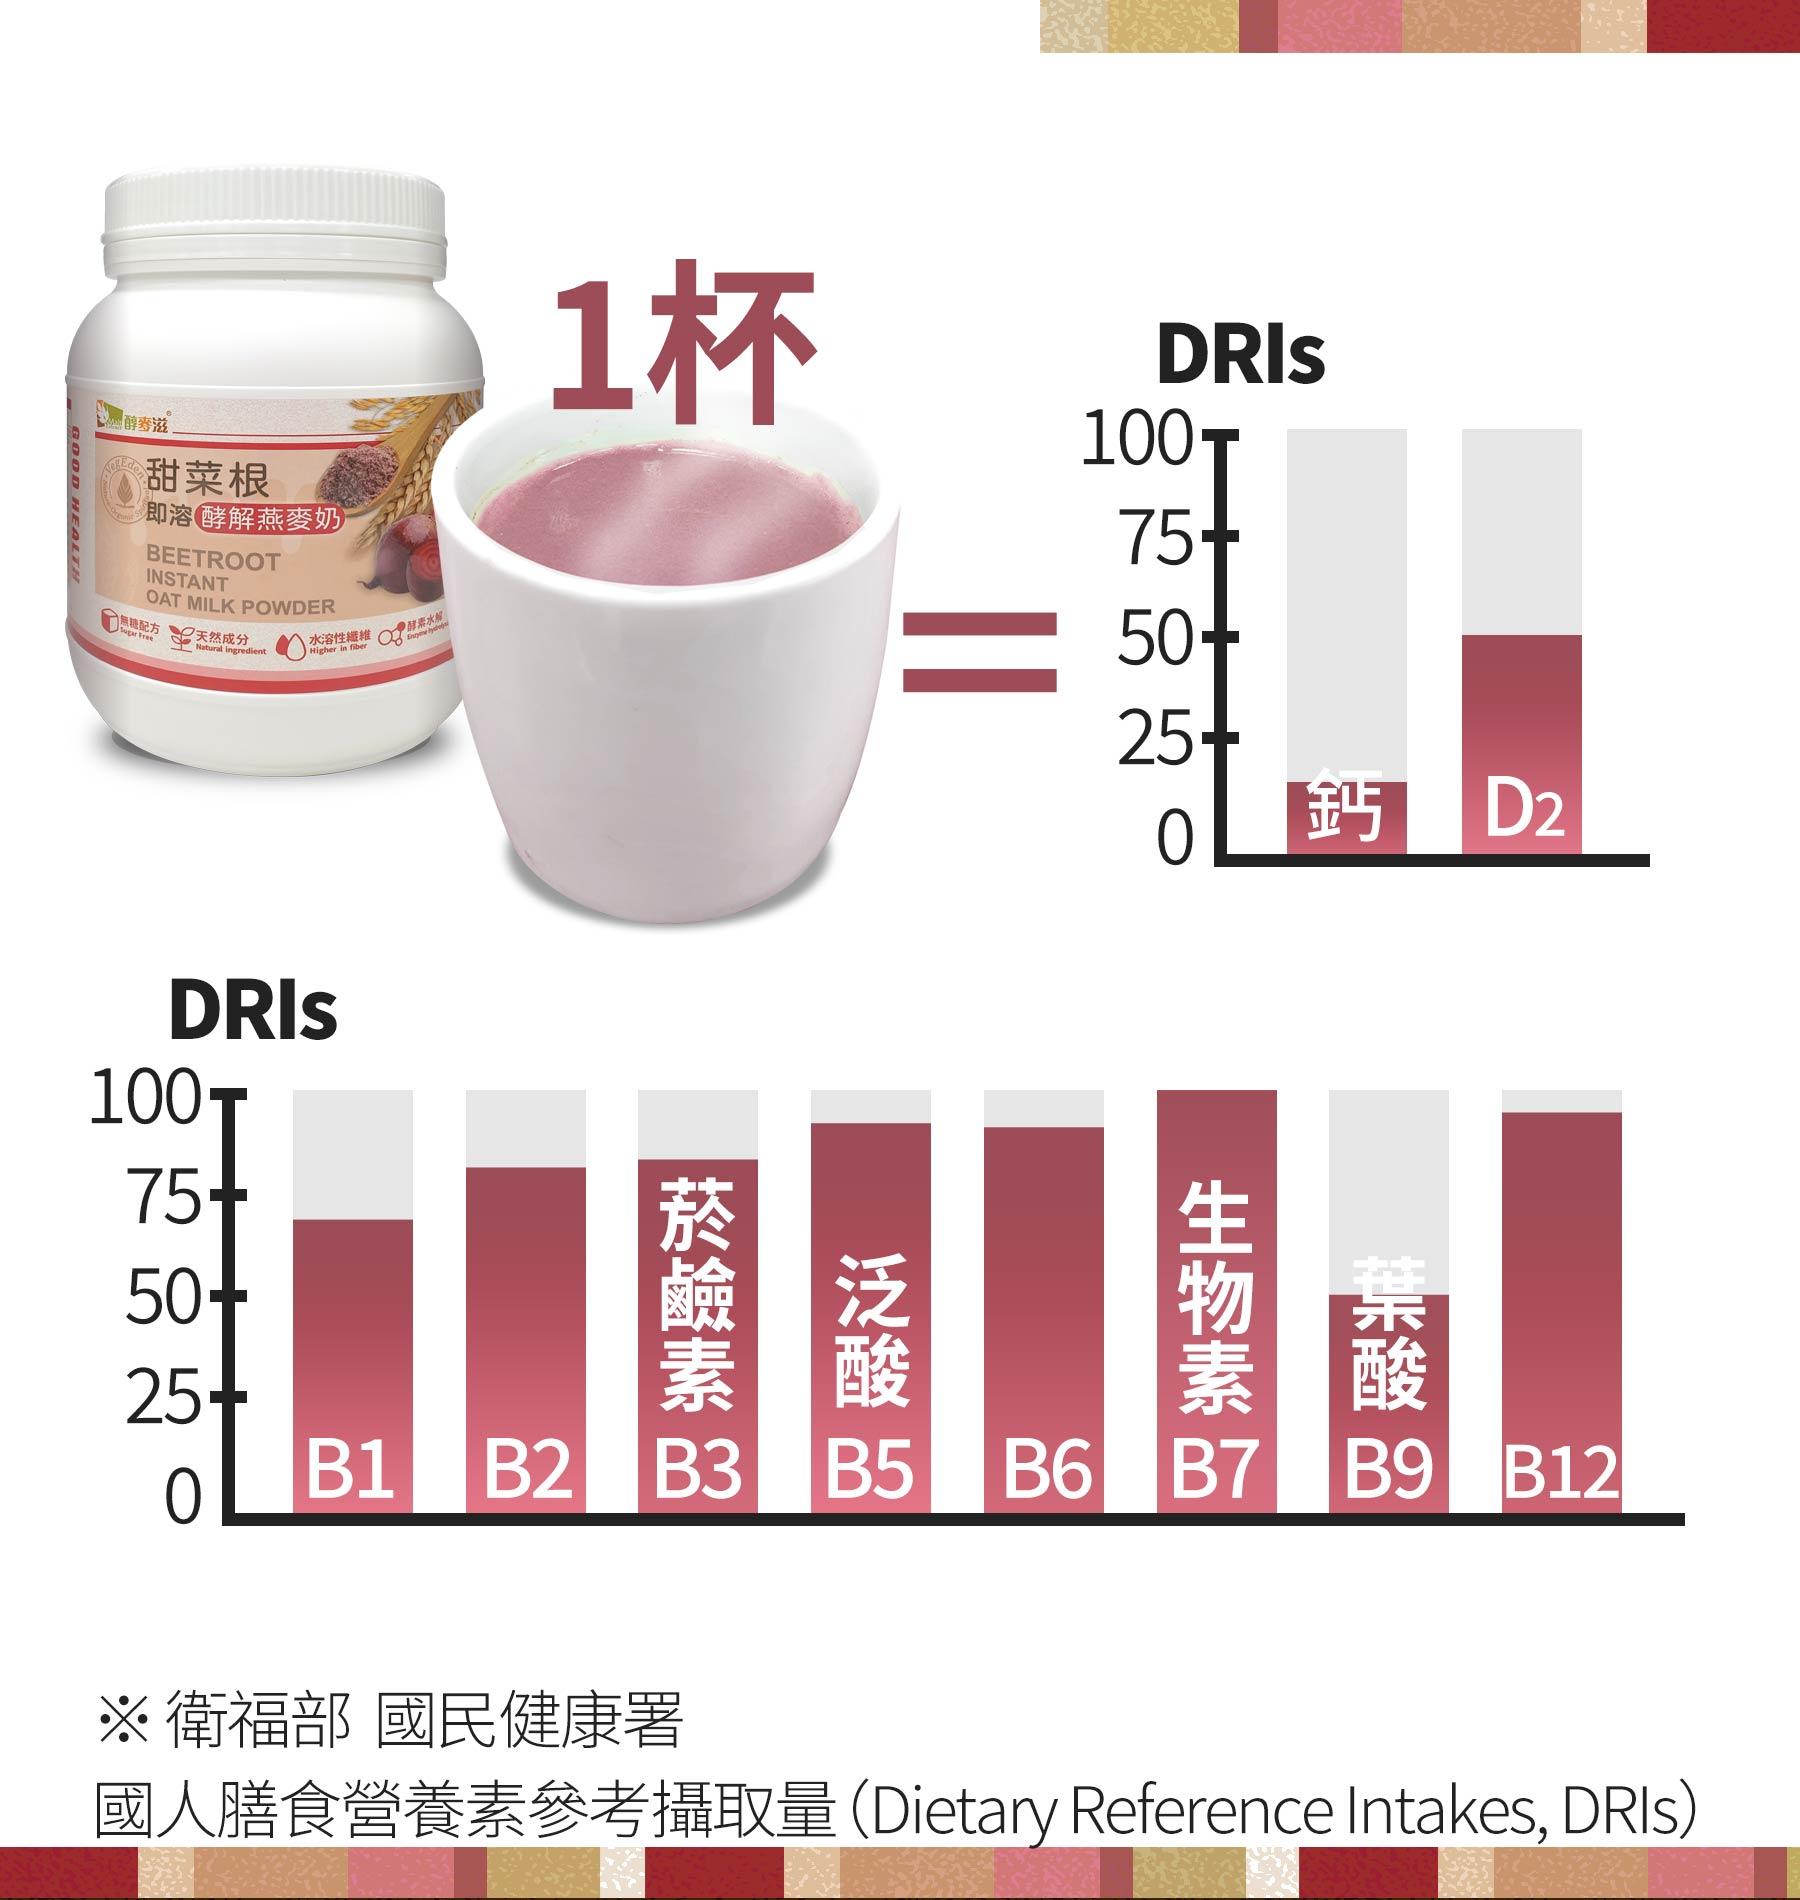 即溶甜菜根酵解燕麥奶每杯含有豐富營養成分